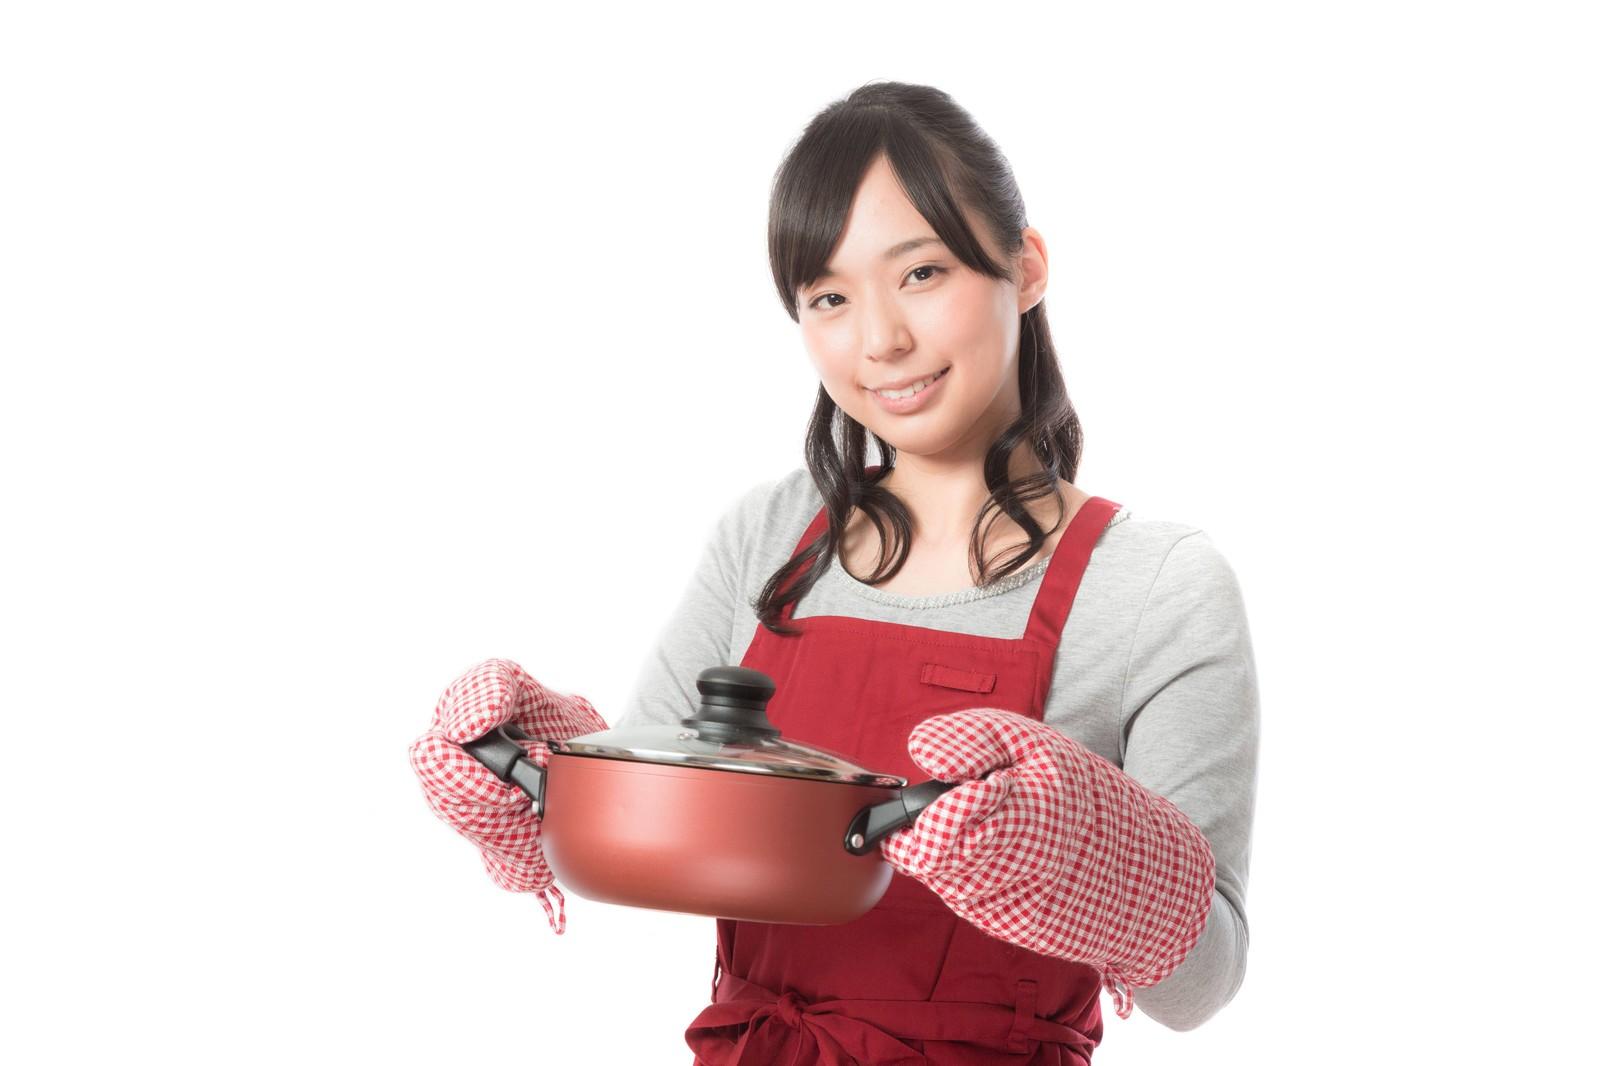 女性で料理が上手!はなぜモテる?男は胃袋をつかまれると・・